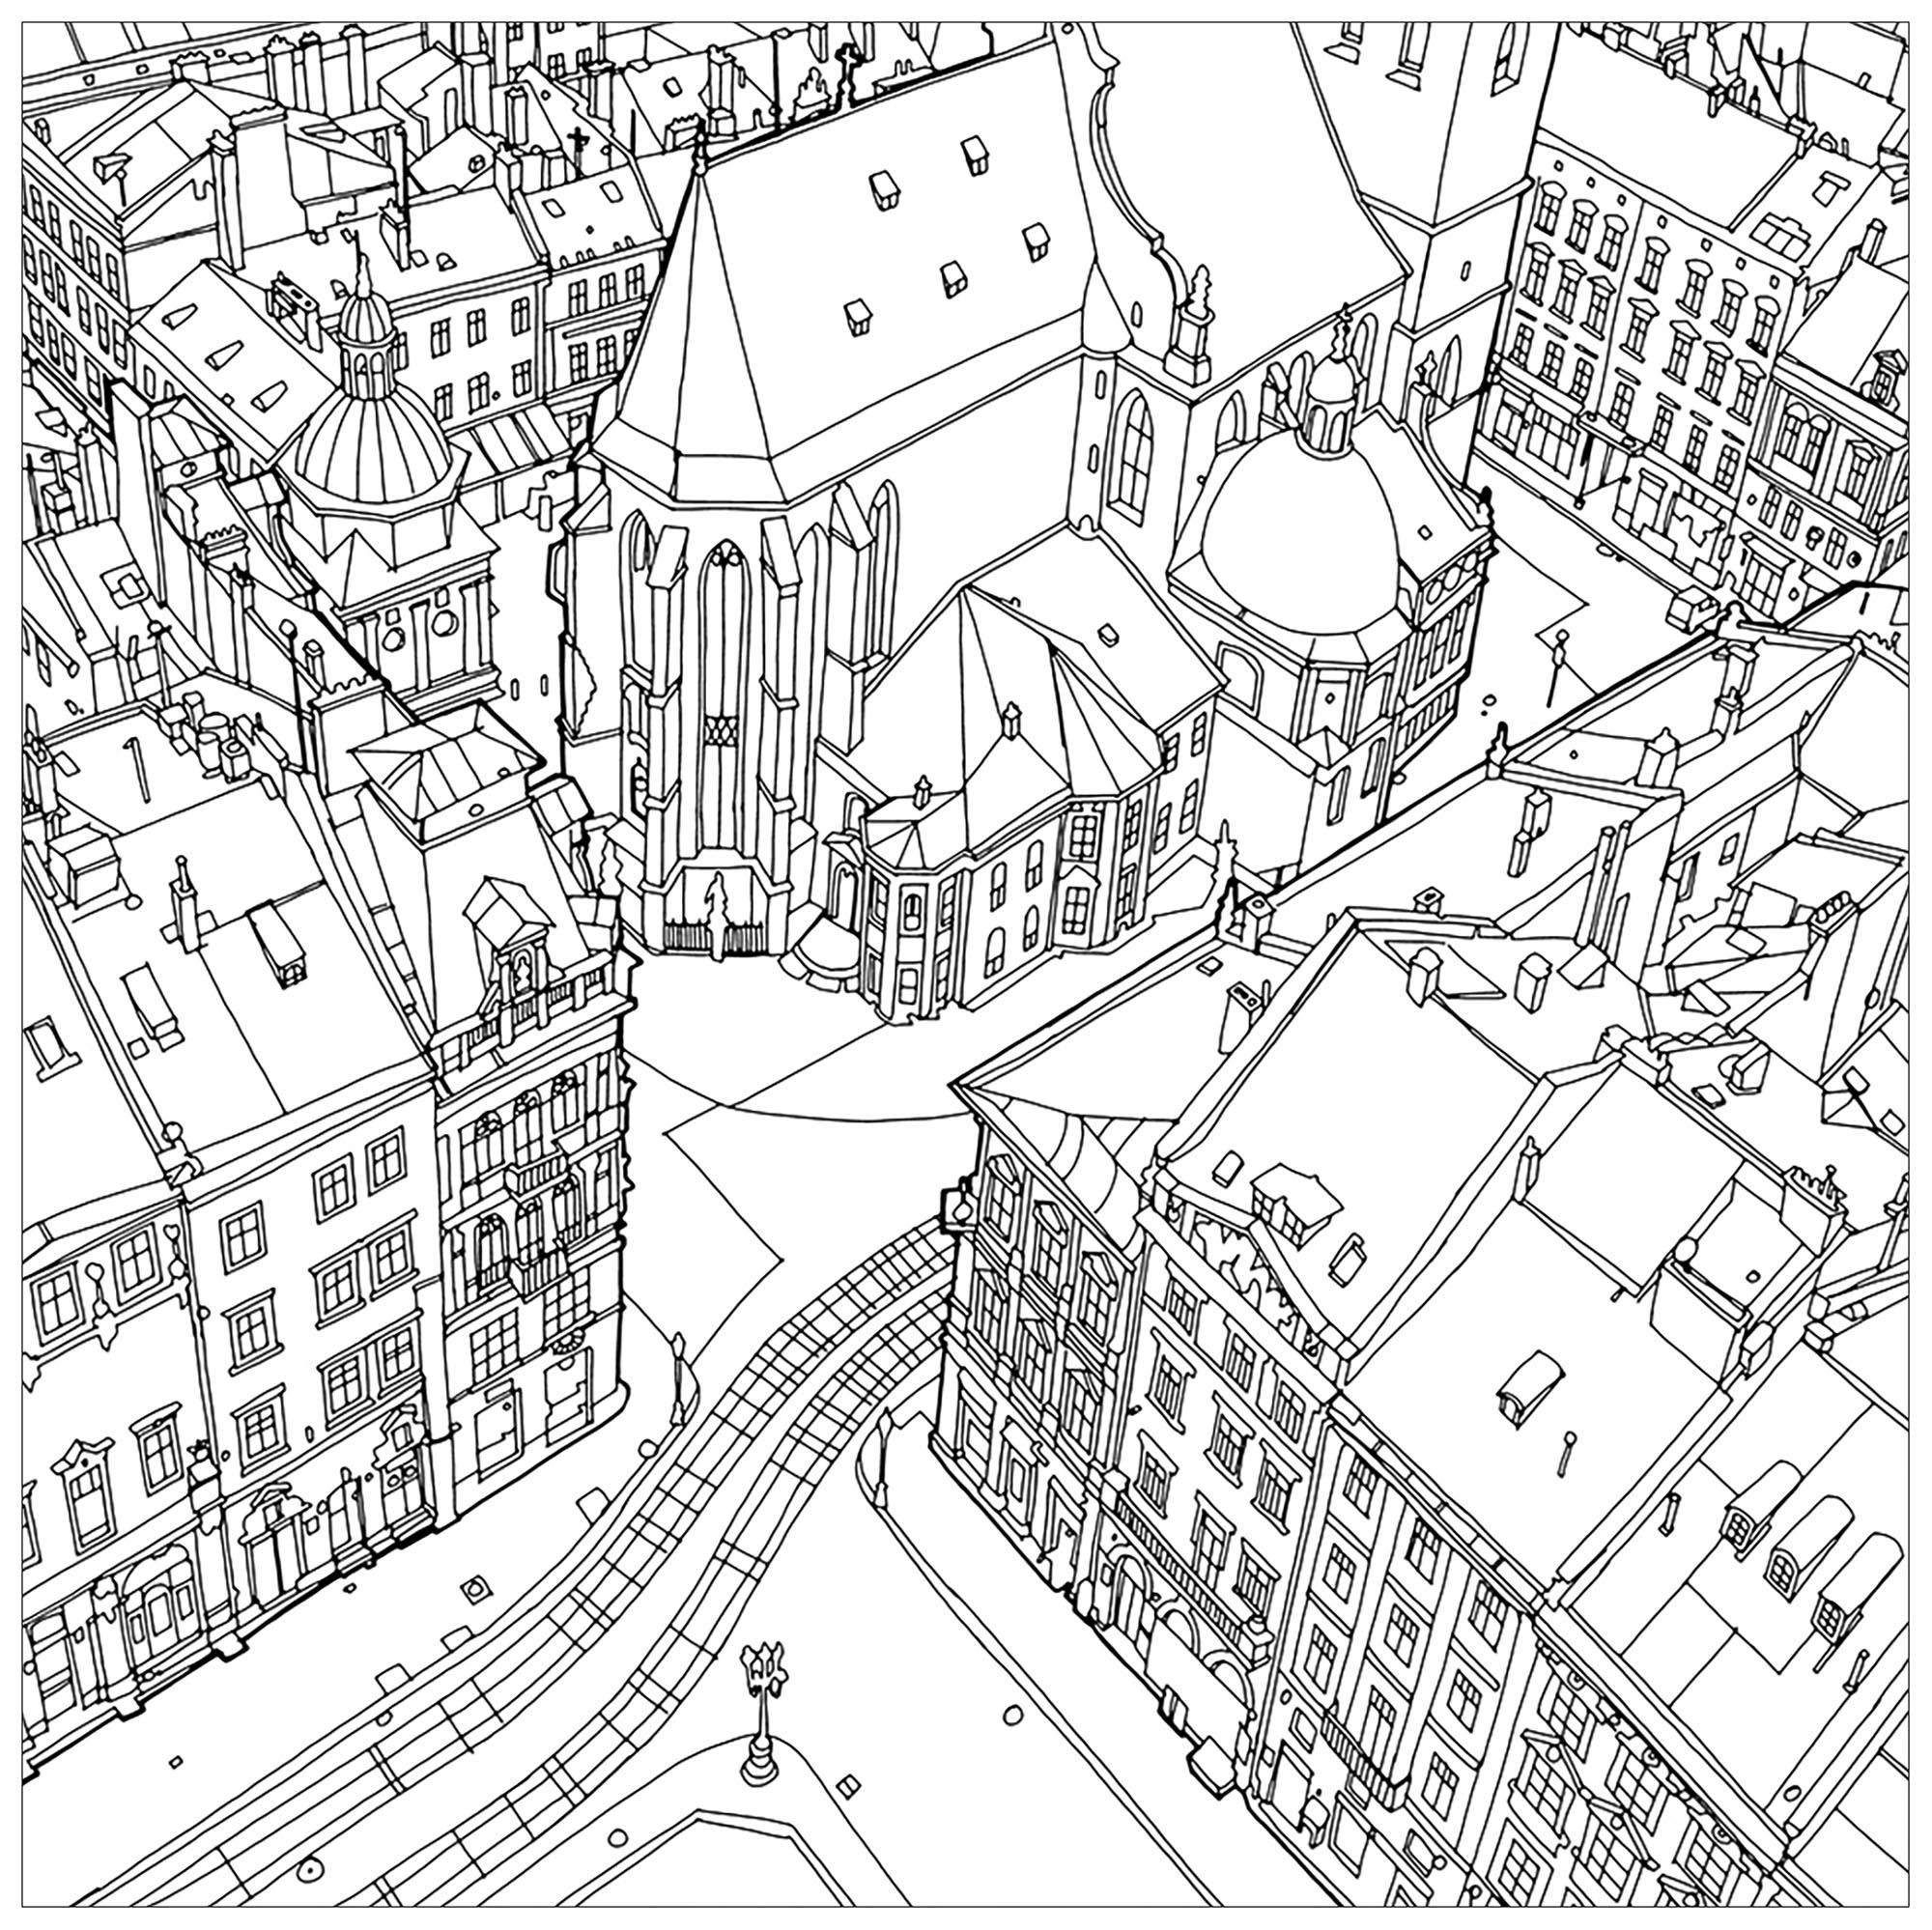 Malbuch Fur Erwachsene : Architektur & Zuhause - 3